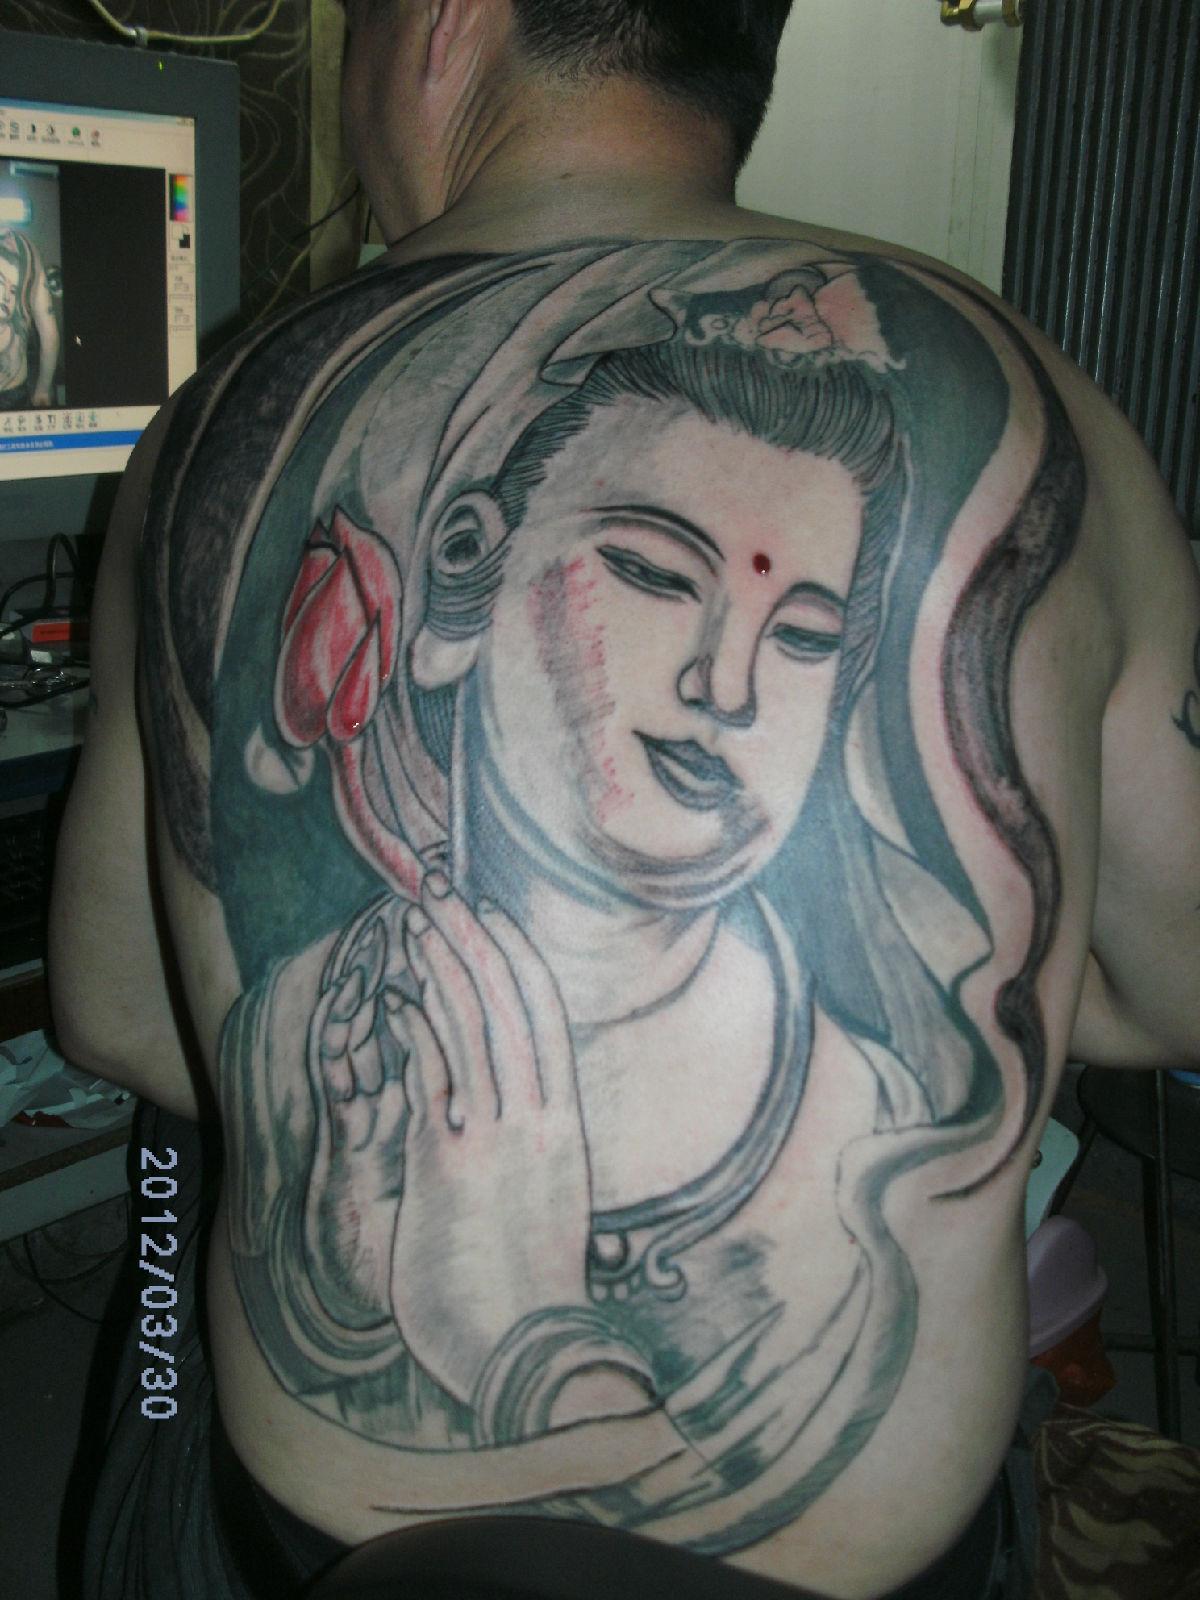 满背观音纹身 满背龙头纹身手稿 满背龙头纹身手稿图片